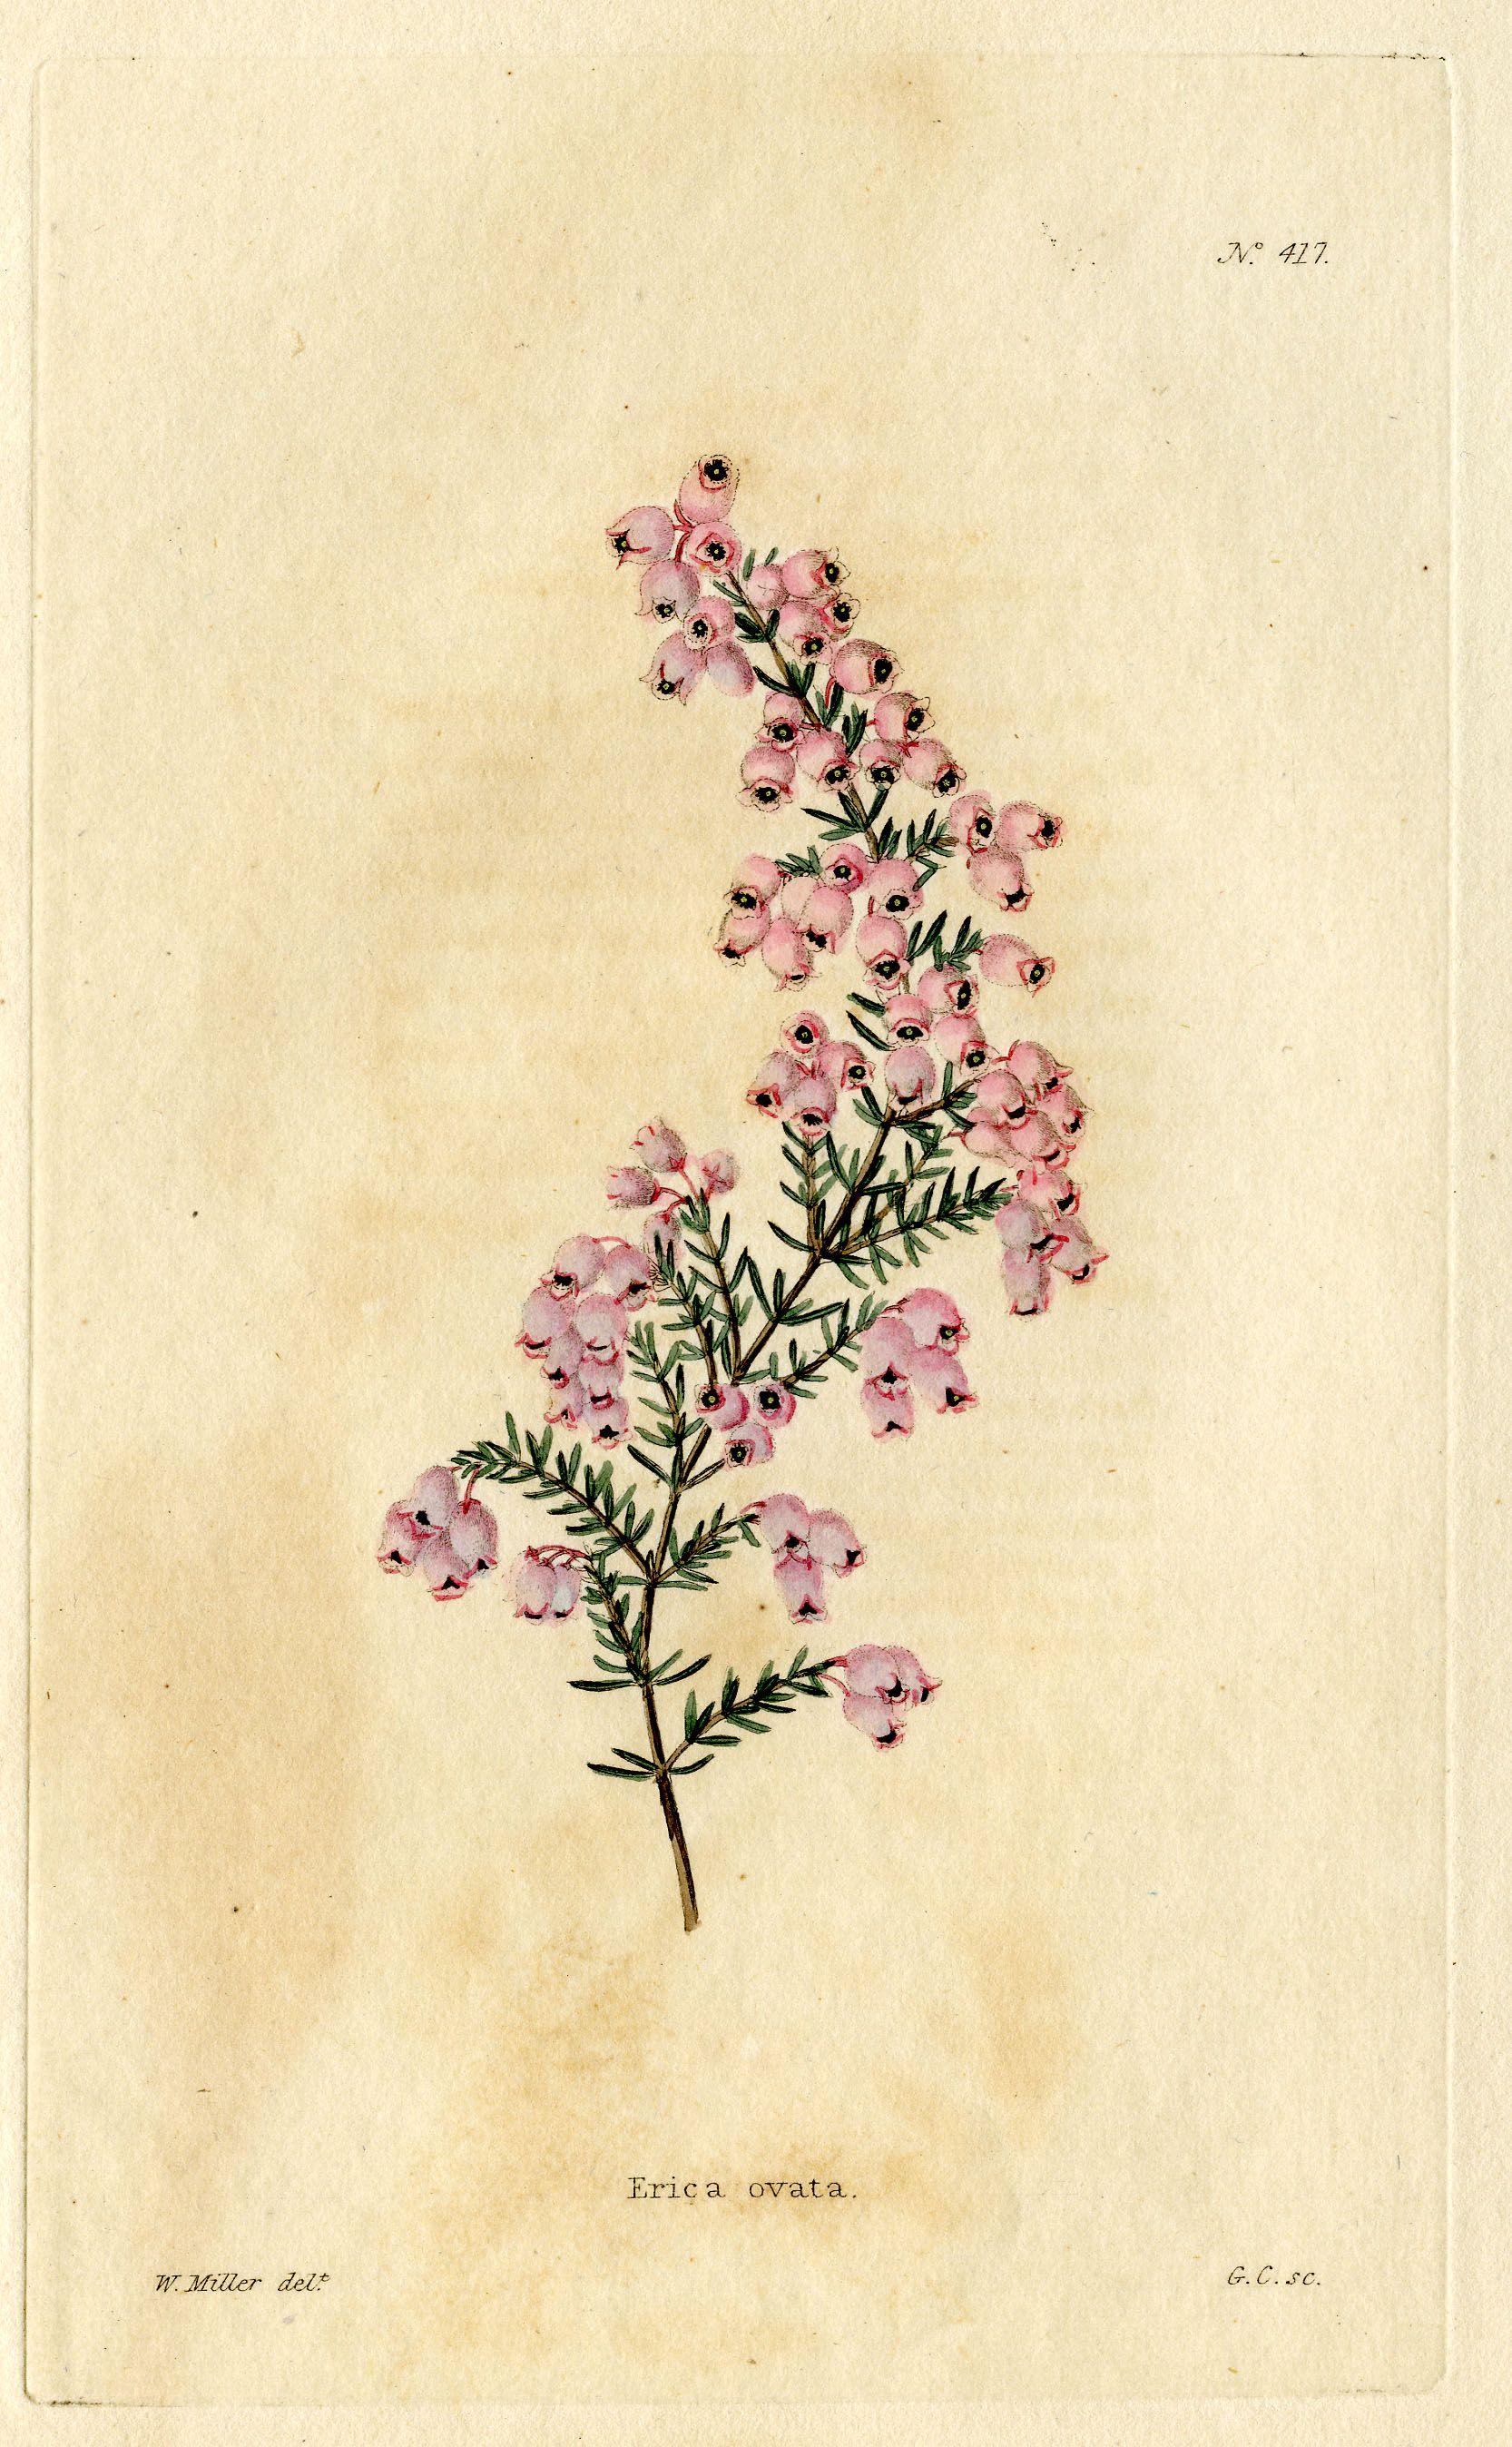 Bruyère | Illustration botanique, Dessins botaniques, Dessin botanique